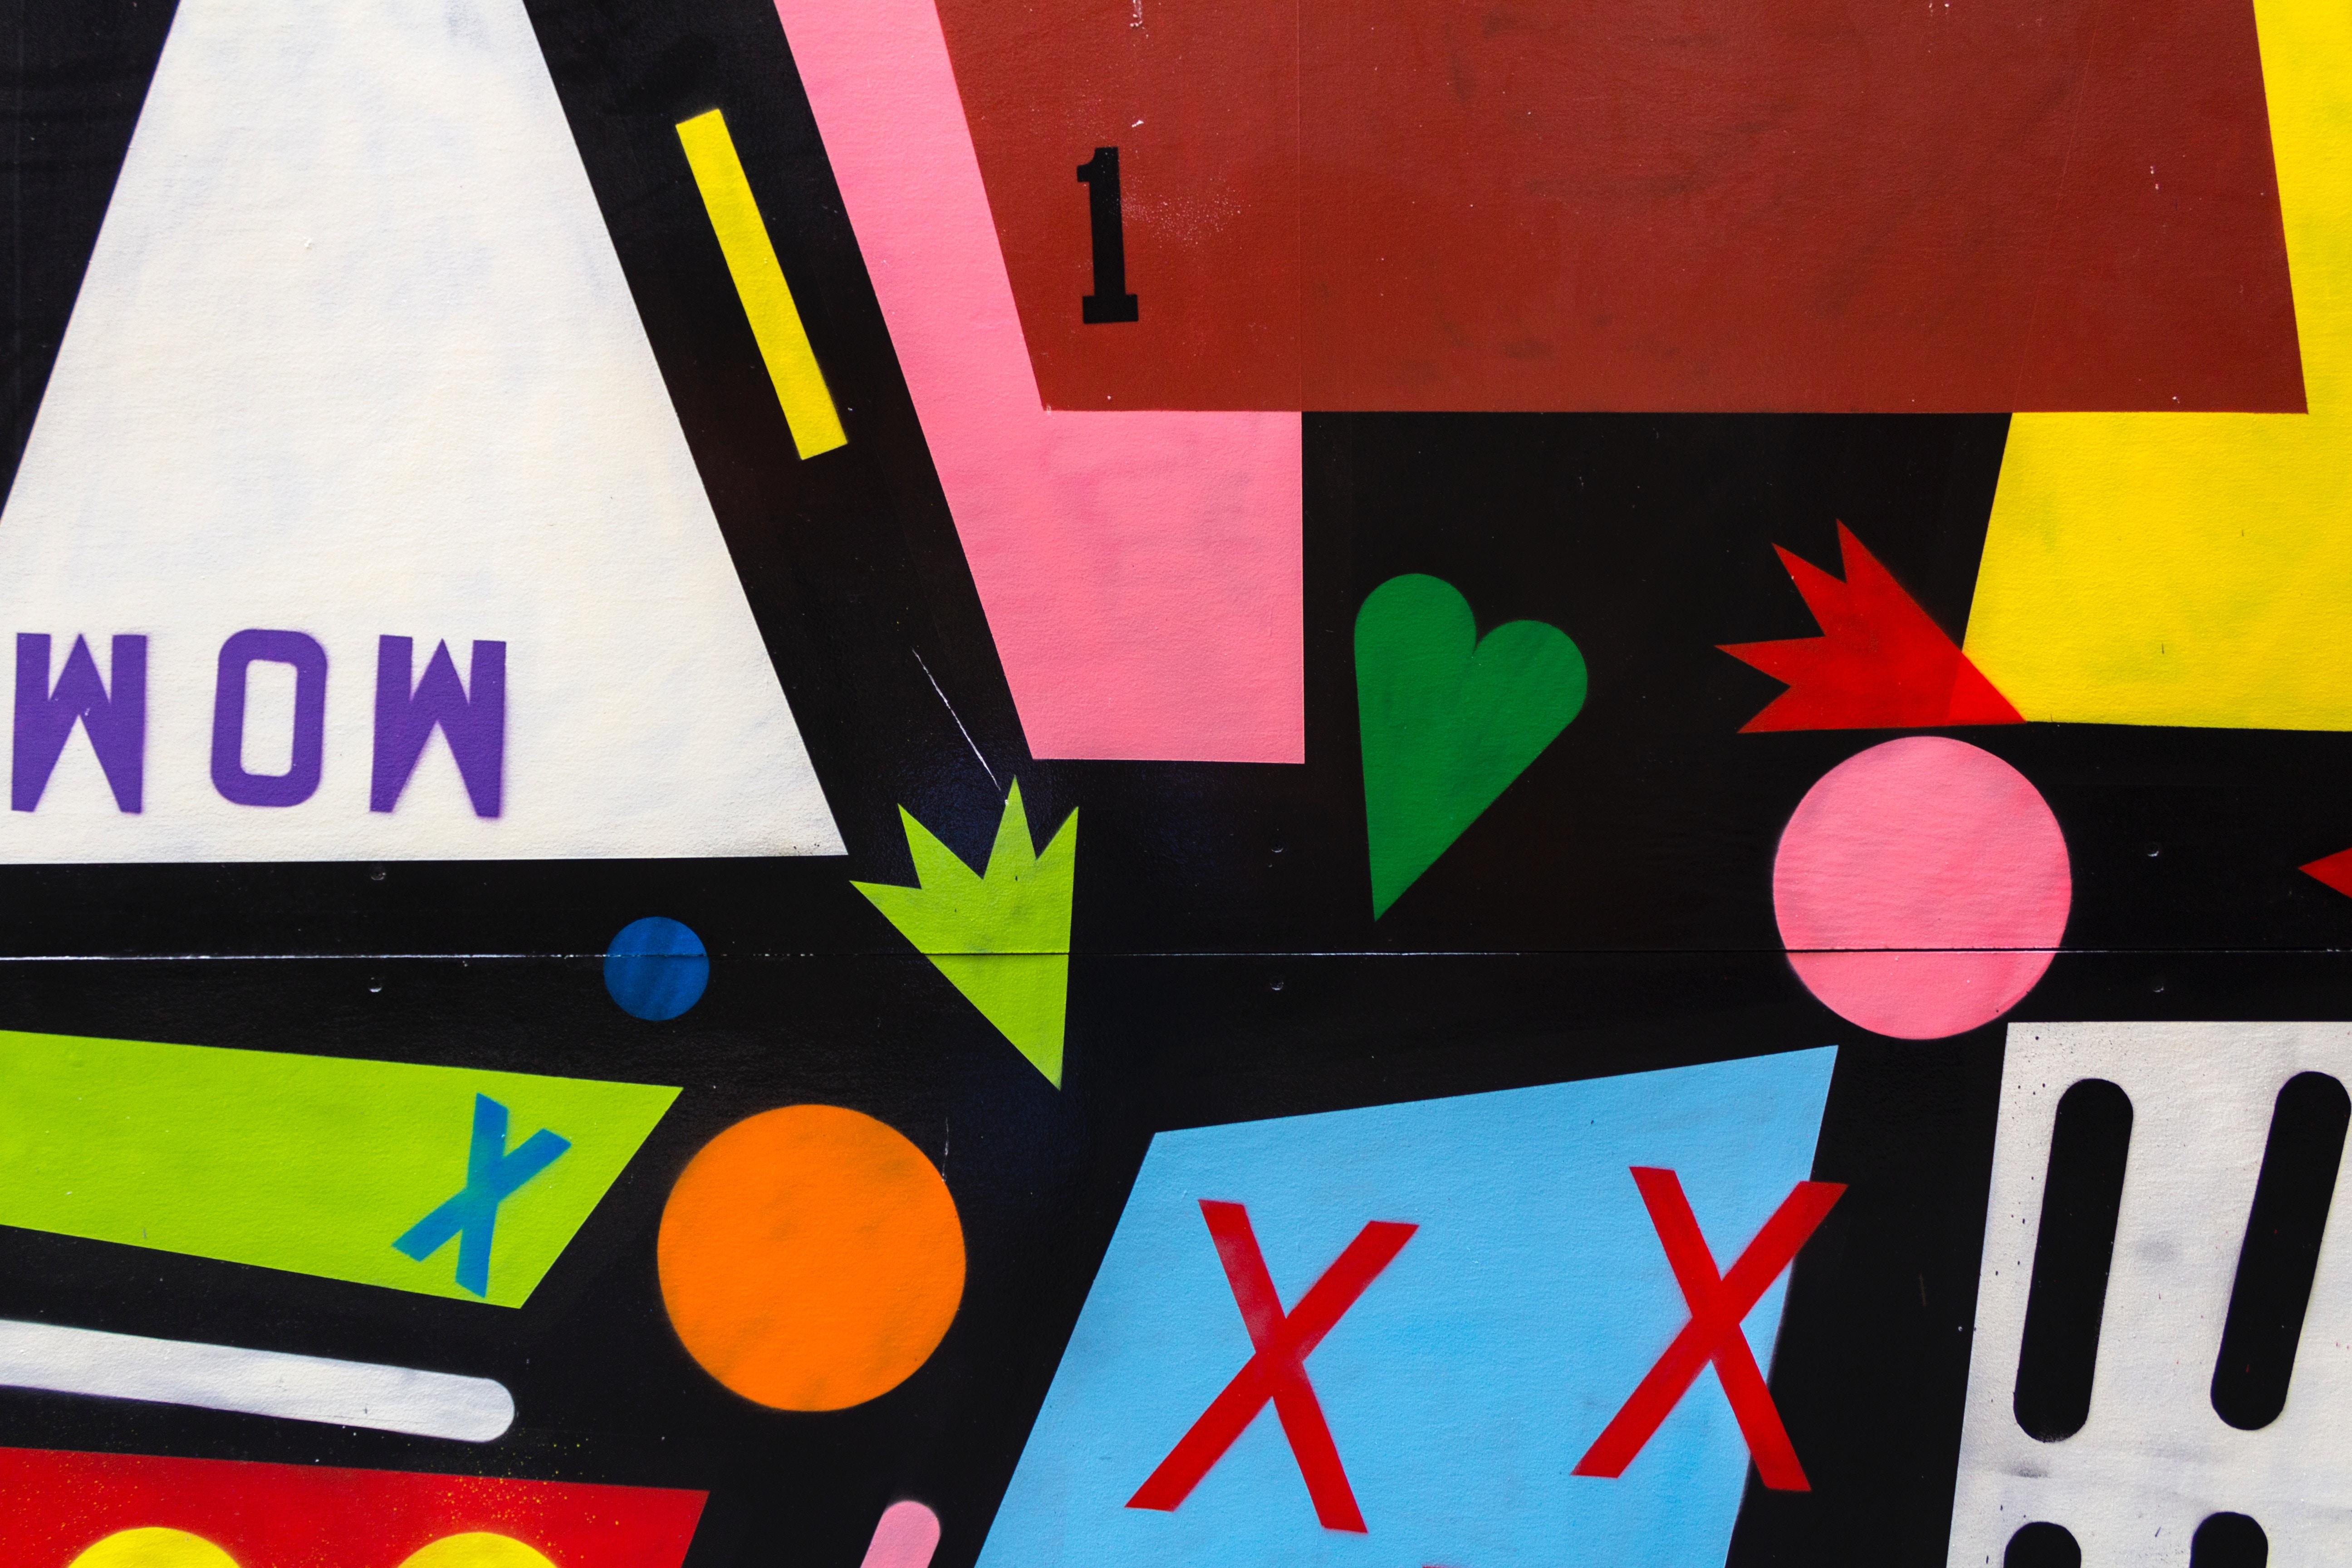 искусство, модернизм, абстракция